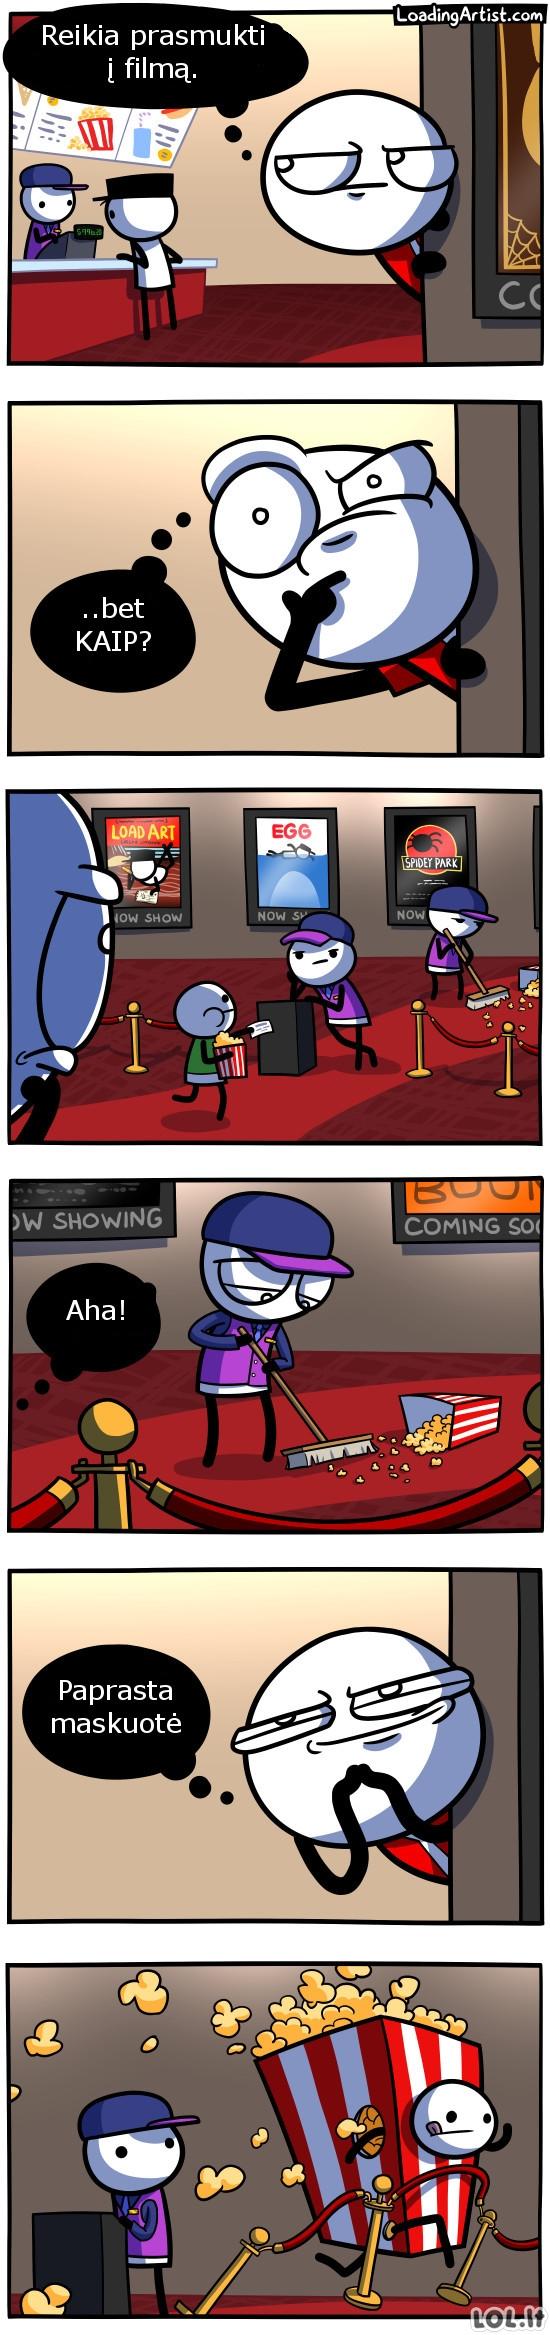 Kaip prasmukti į filmus